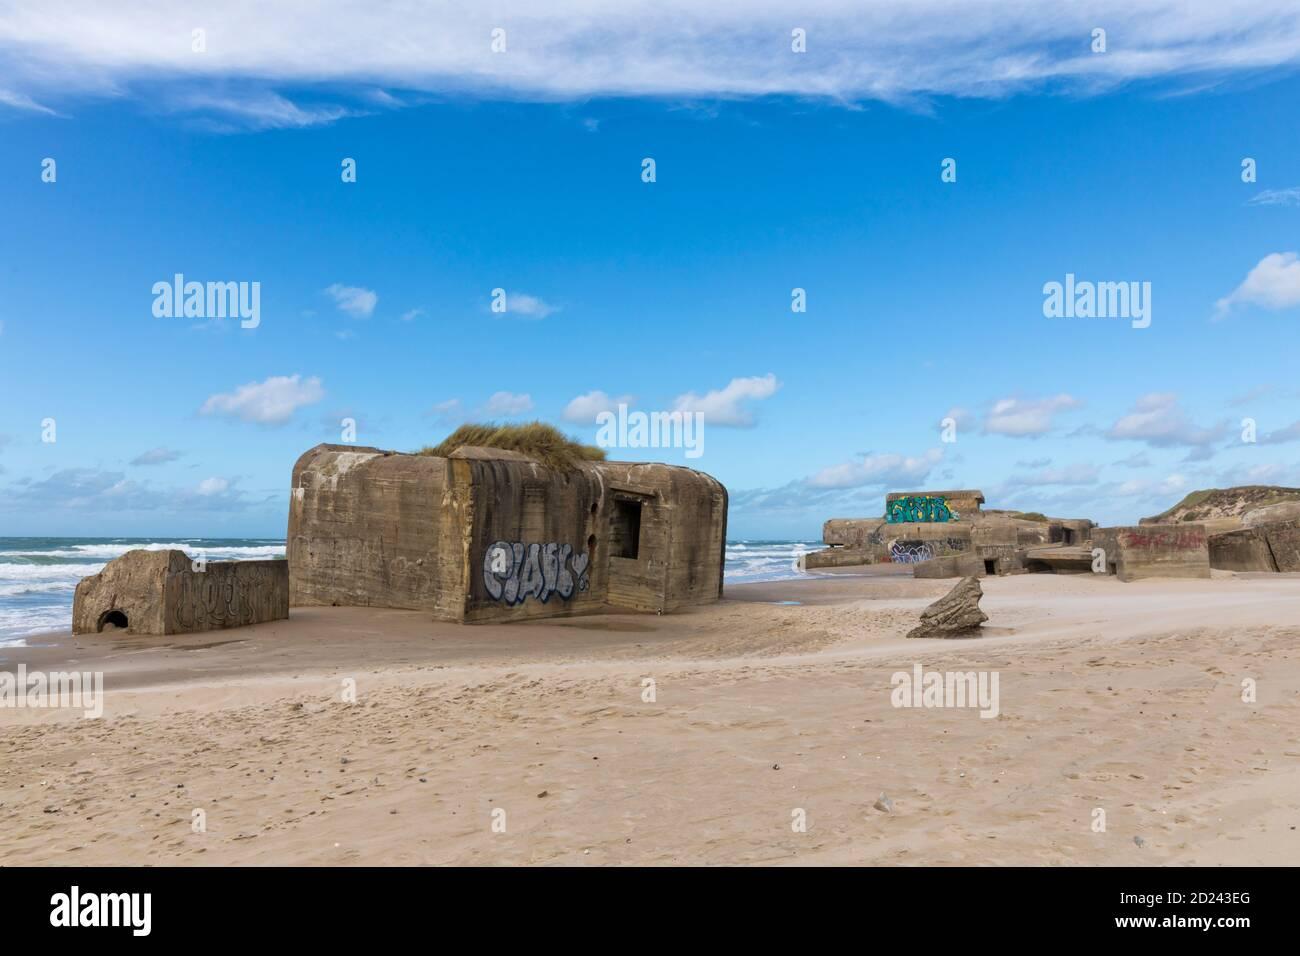 Vestiges de la Seconde Guerre mondiale, partie du mur de l'Atlantique, sur la plage de la mer du Nord de Løkken, au Danemark Banque D'Images